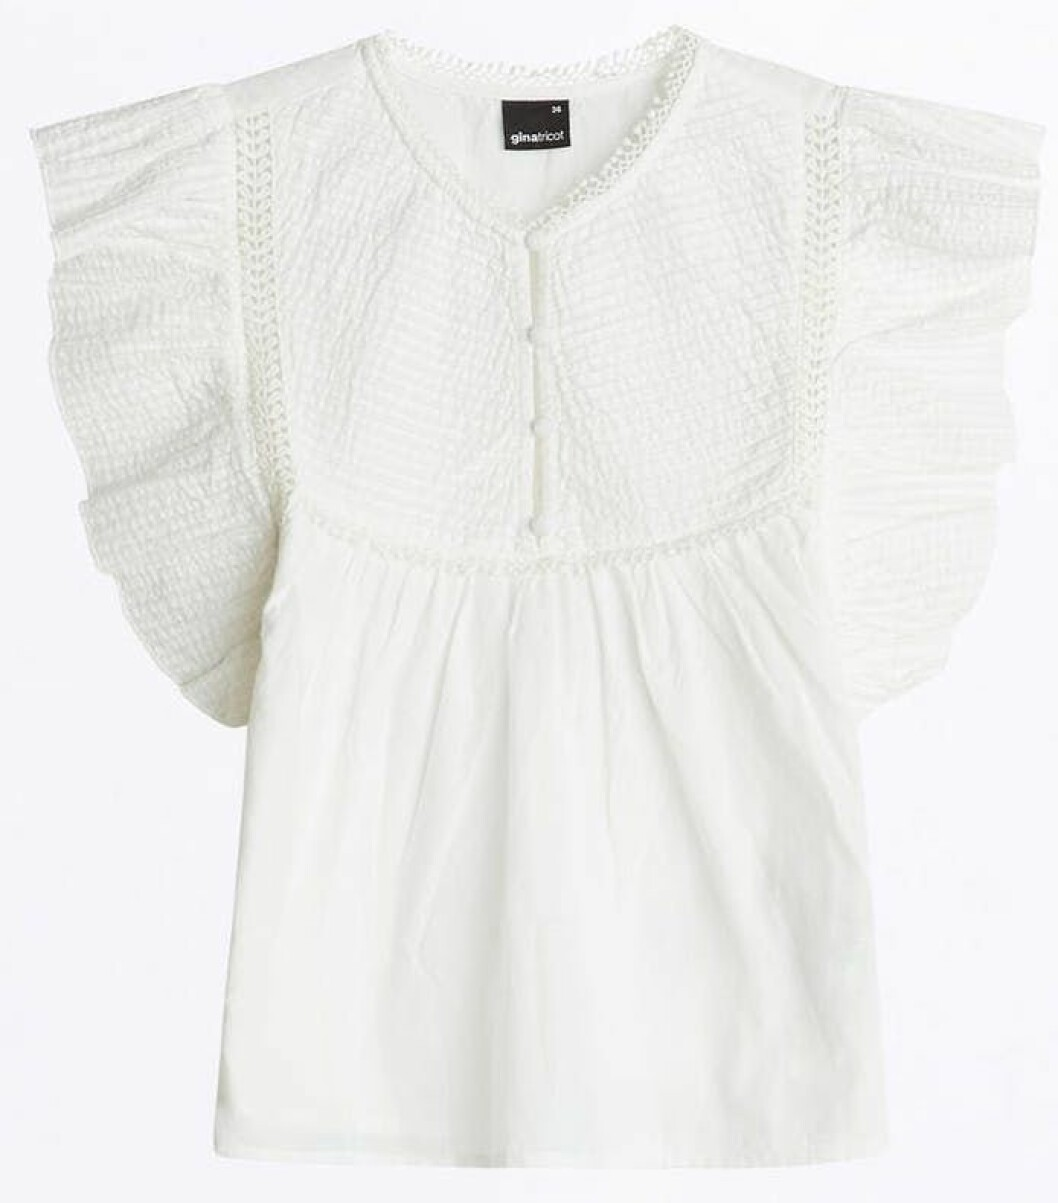 vit blus från Gina tricot.